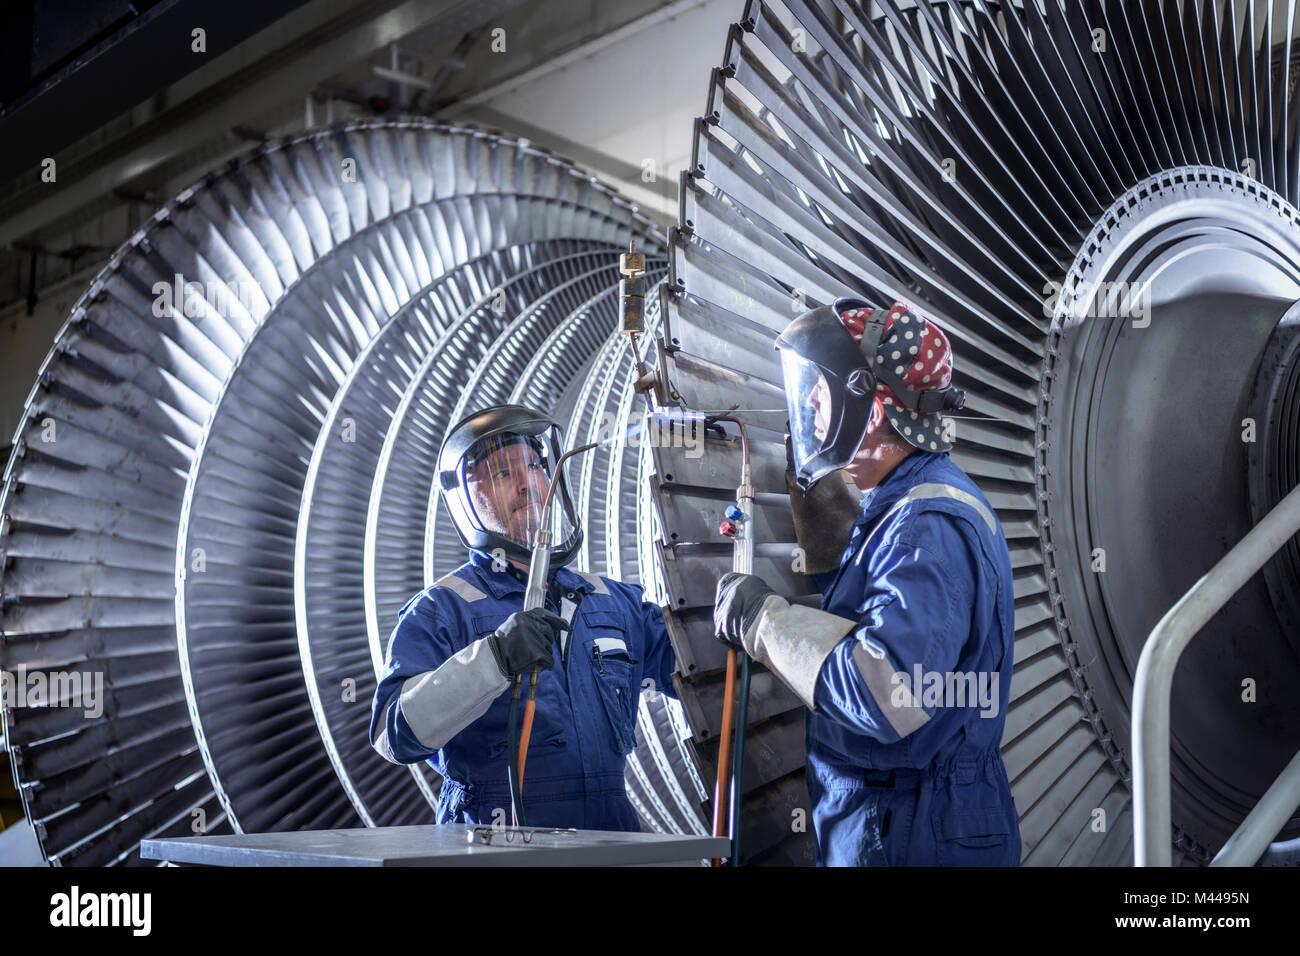 Extrémités de brasage des ingénieurs sur des lames de turbine à vapeur basse pression dans l'usine Photo Stock